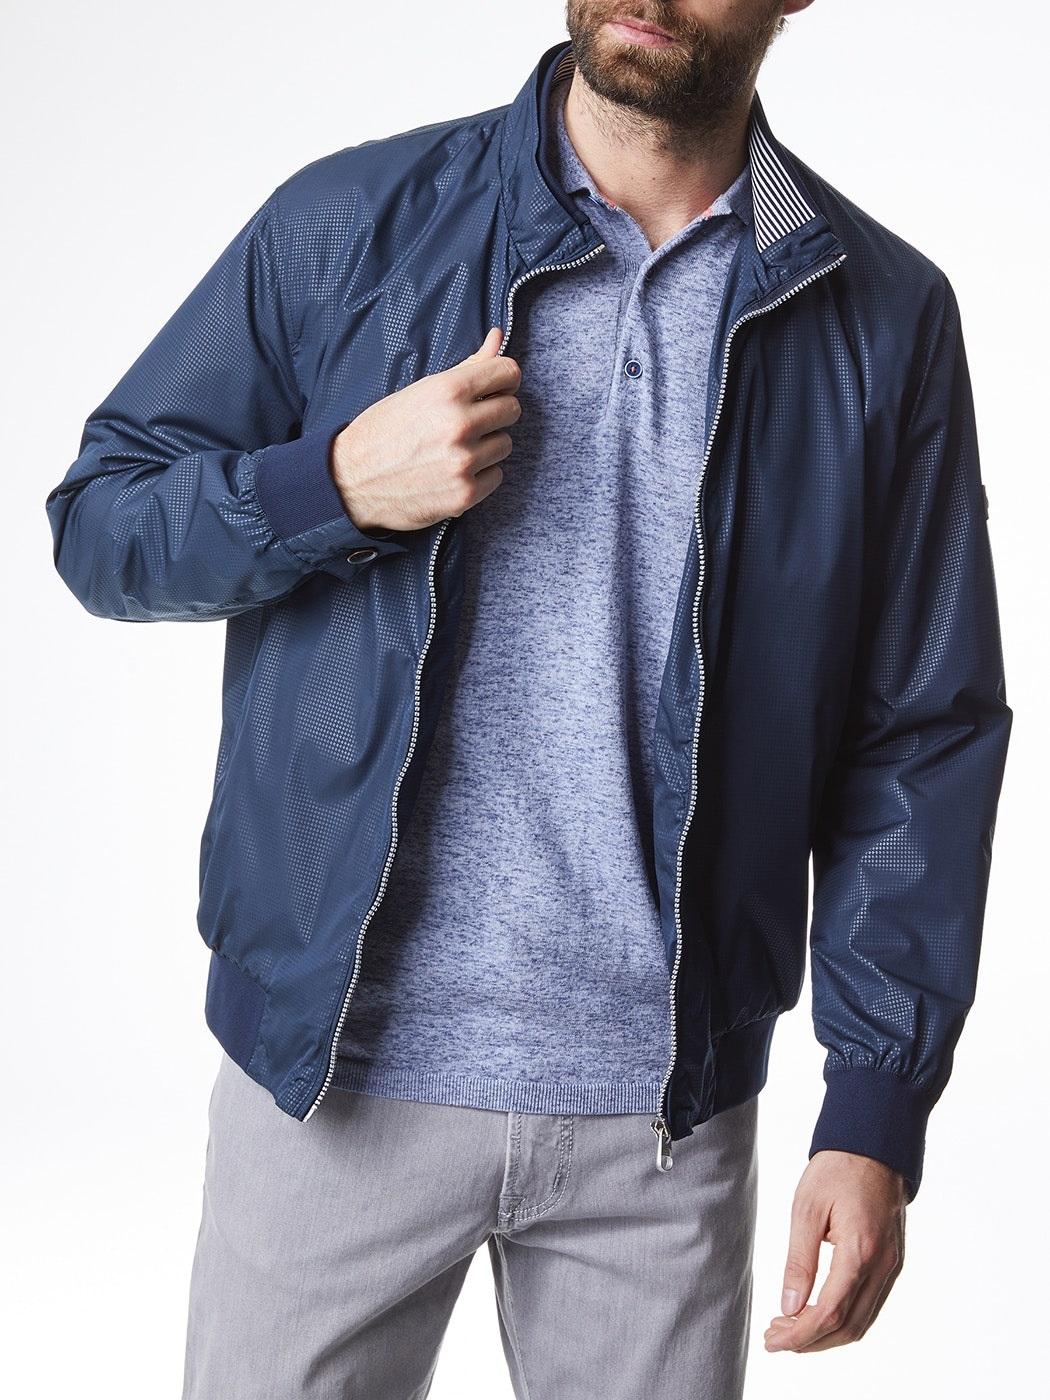 Pierre Cardin pánská jarní bunda Blouson 4601/3000 Modrá 60